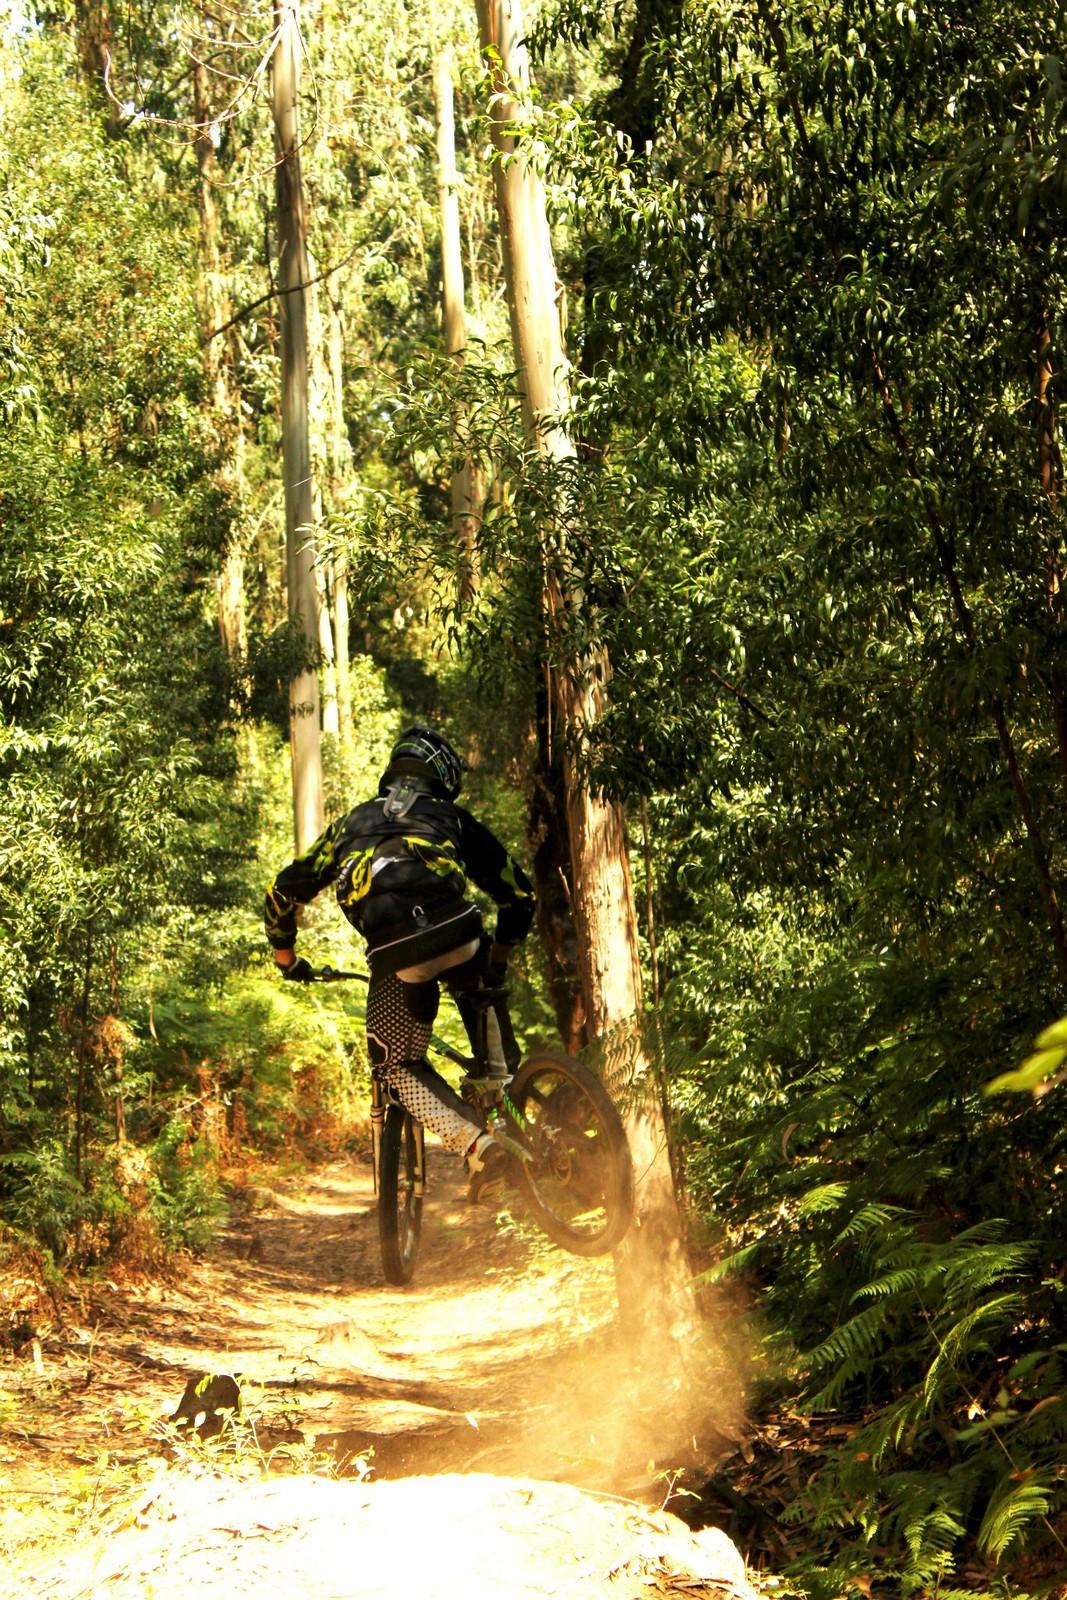 Whip - DoubleCrownKing - Mountain Biking Pictures - Vital MTB